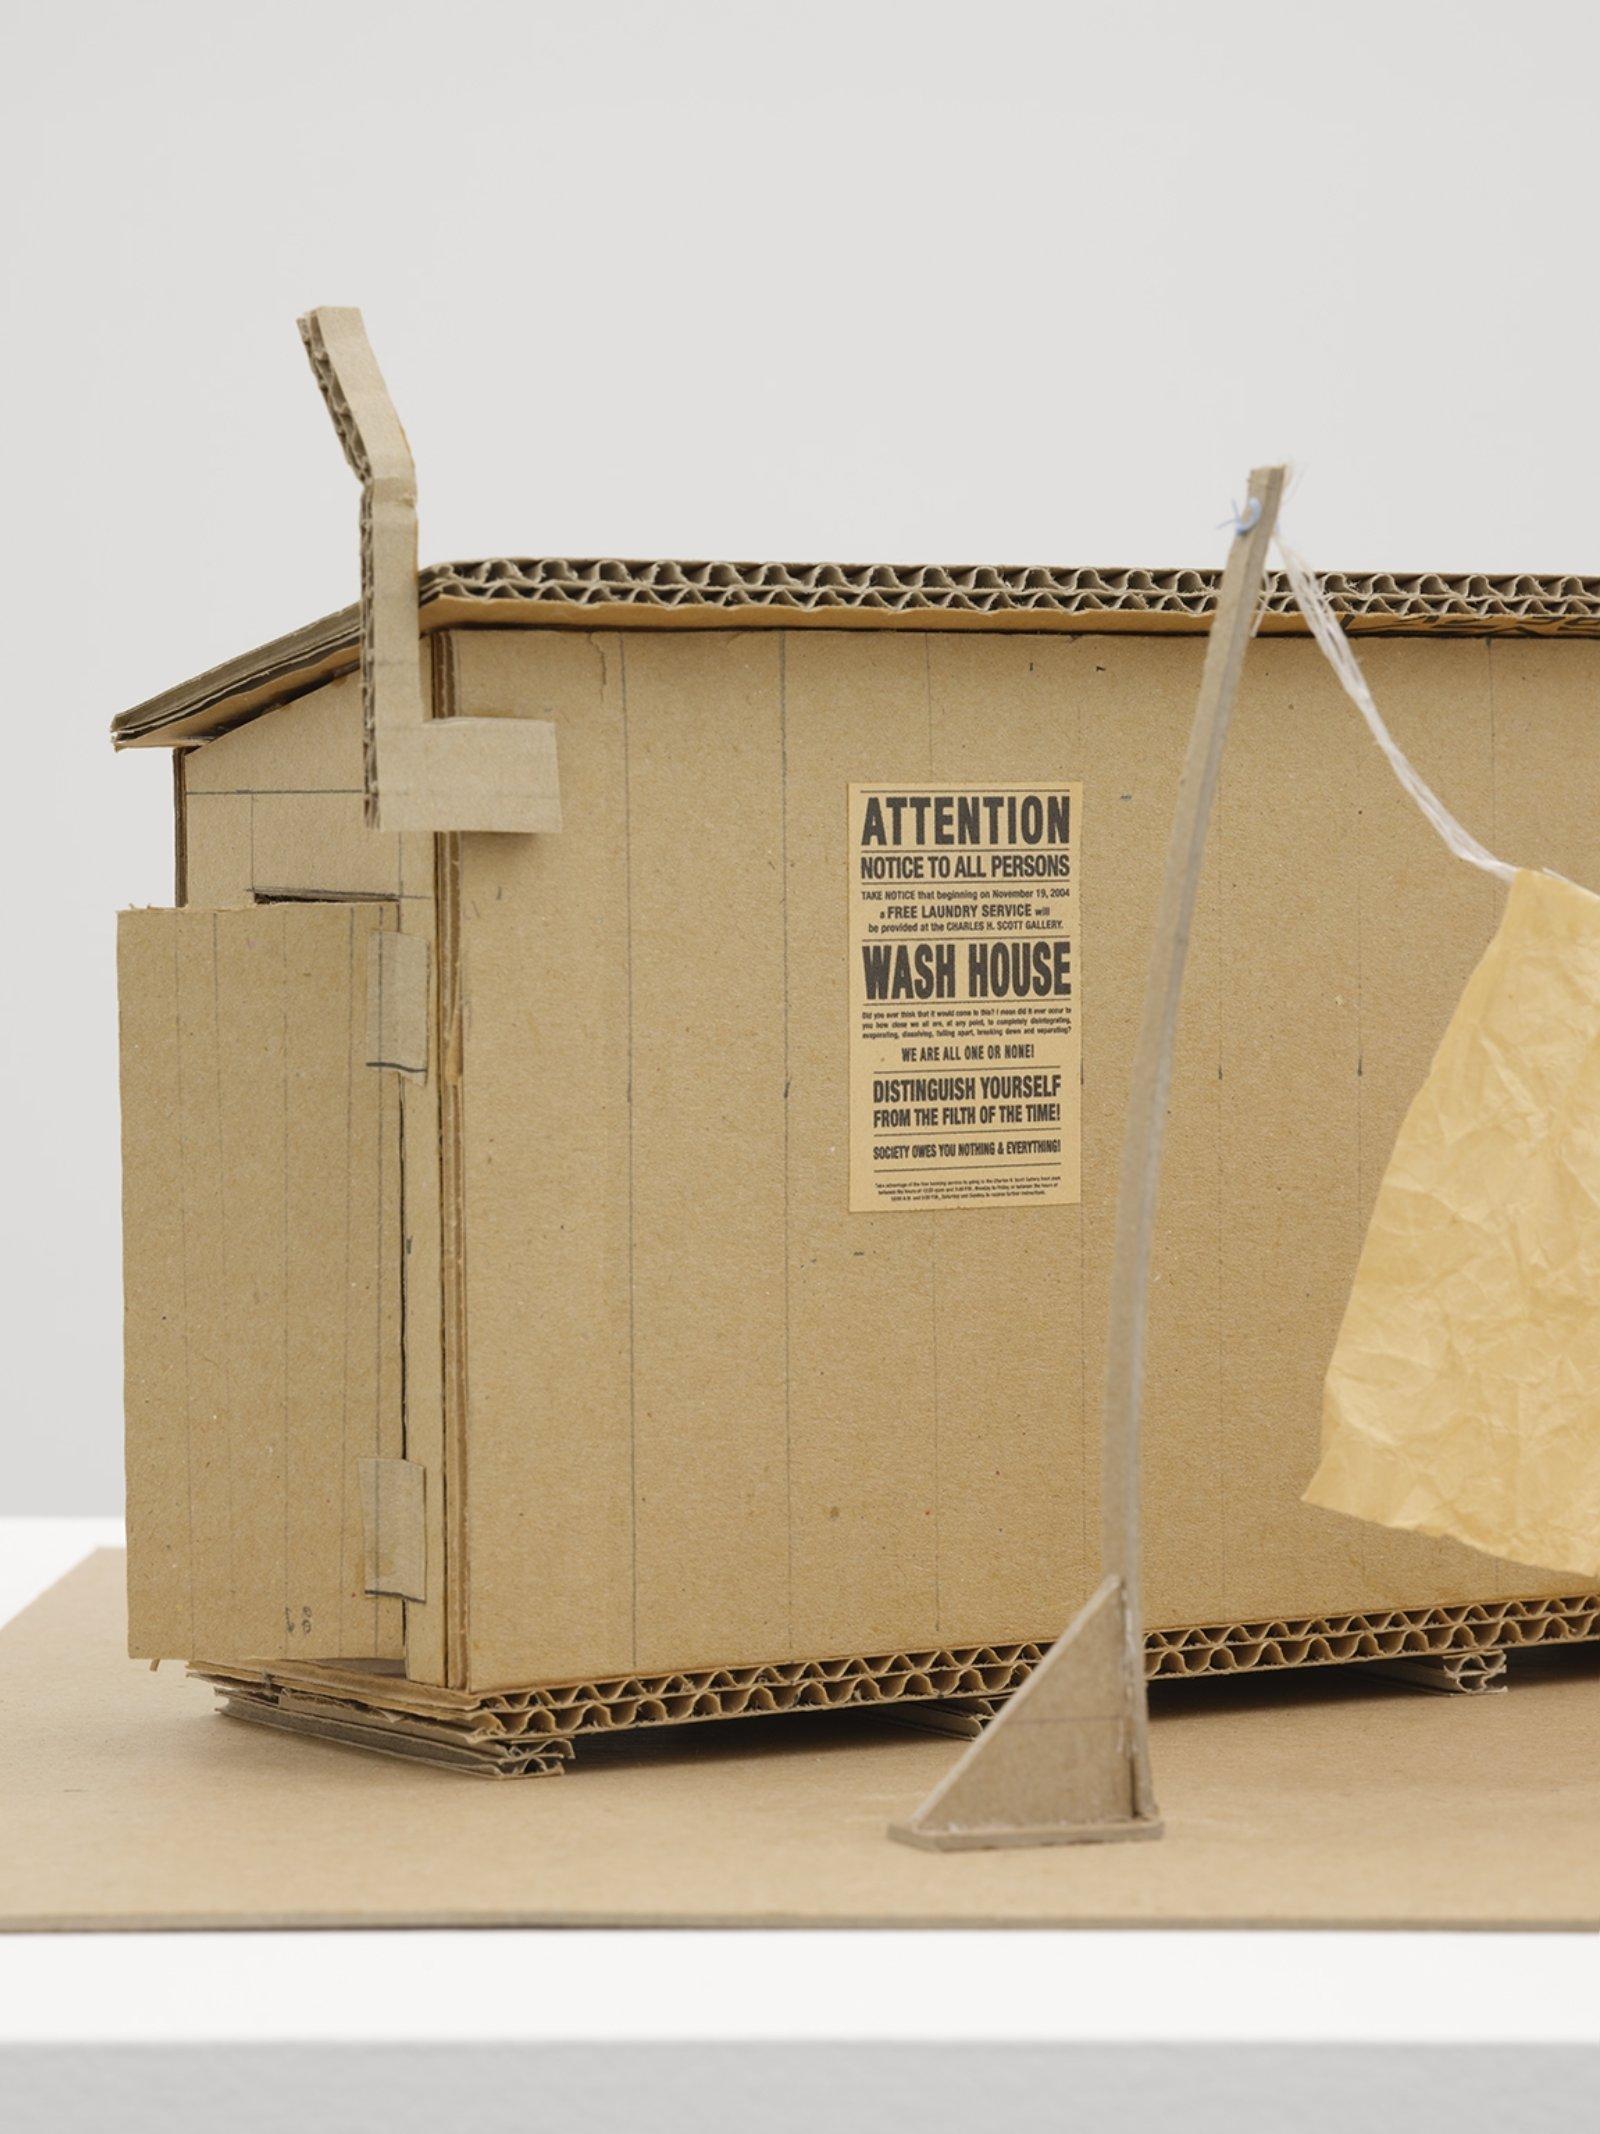 Geoffrey Farmer, Wash House Maquette (detail), 2007, cardboard, rice paper, string, digital print, soap, plexiglas case, 20 x 14 x 13 in. (50 x 36 x 33 cm)